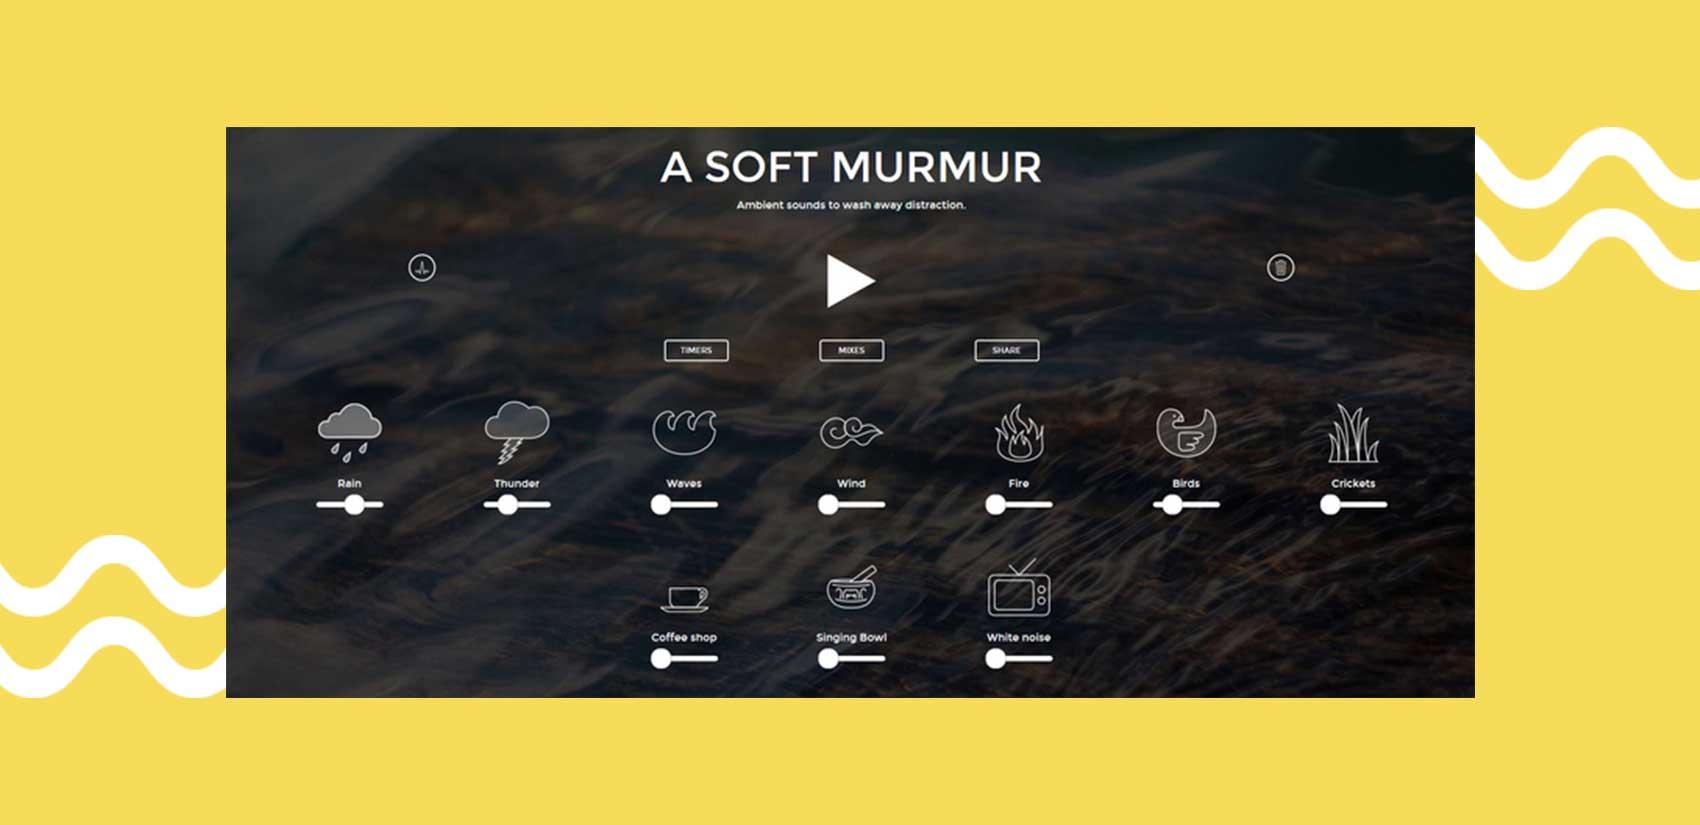 a-soft-murmur-audio-nouvelle-vague